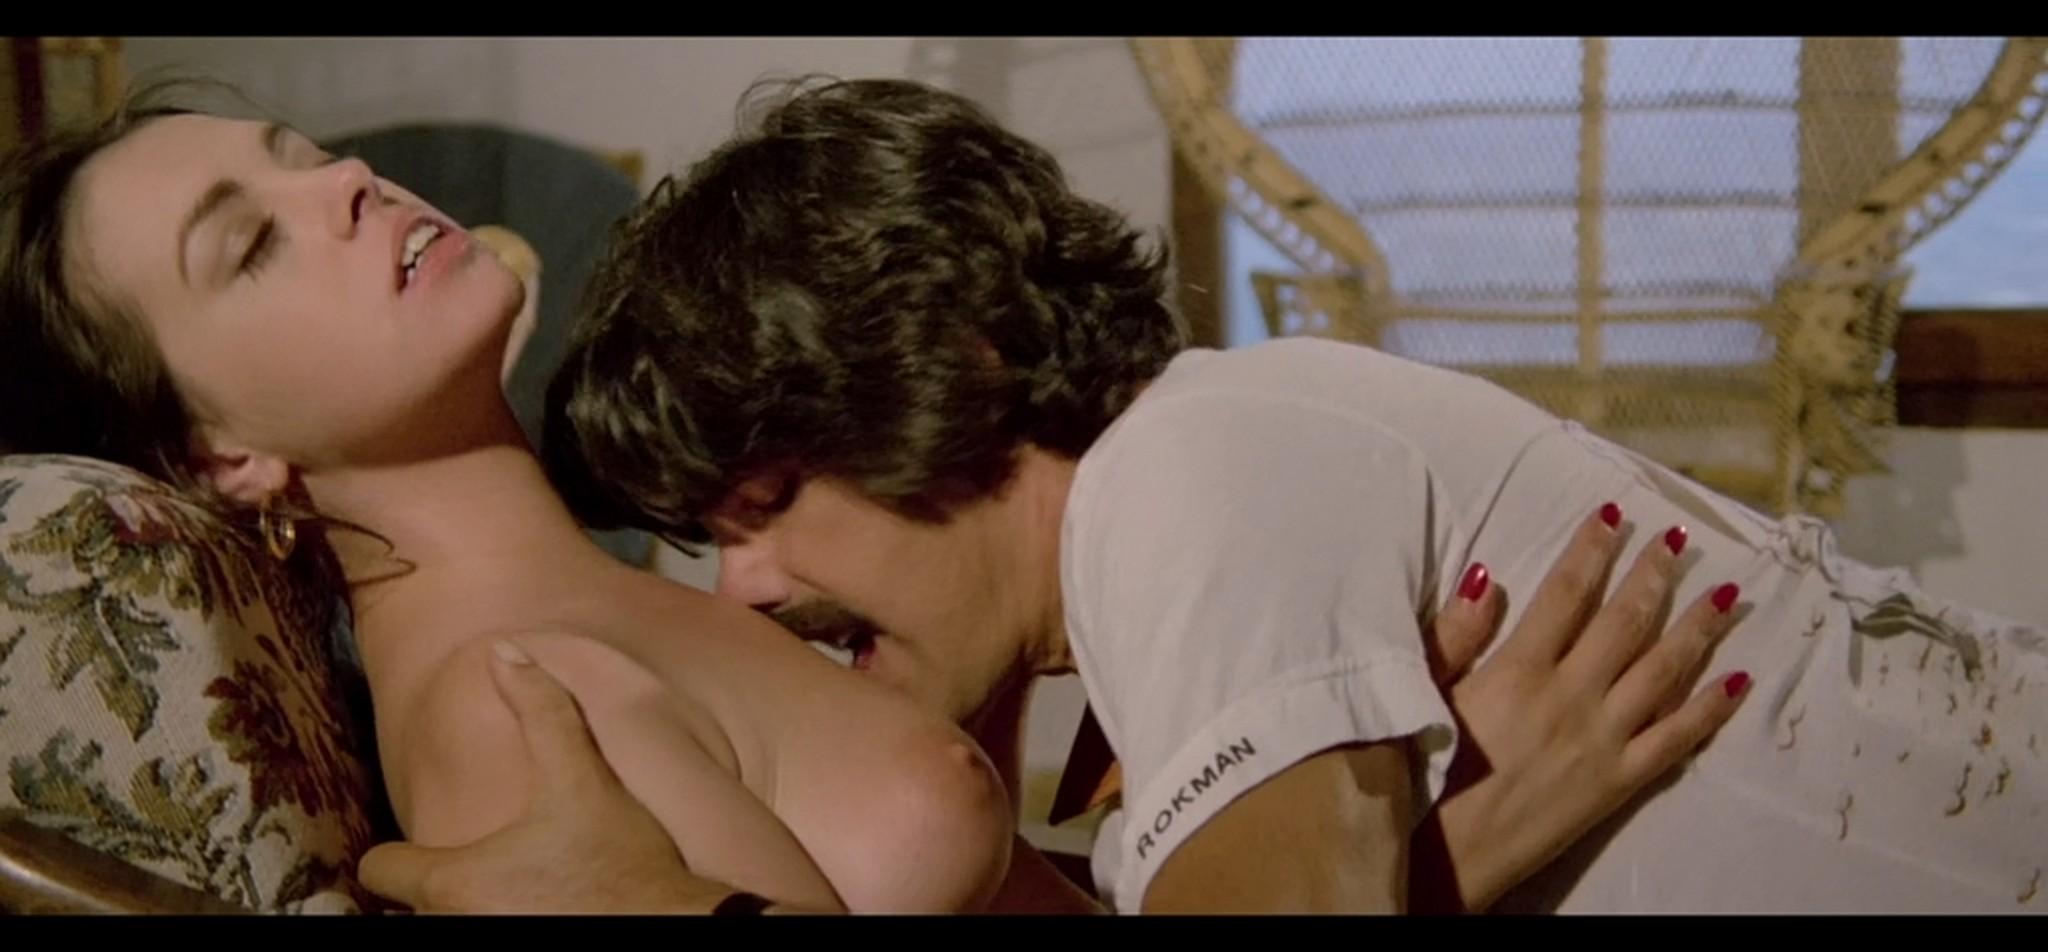 Lina Romay nude bush Elisa Vela Jasmina Bell nude sex Cries of Pleasure ES 1983 003